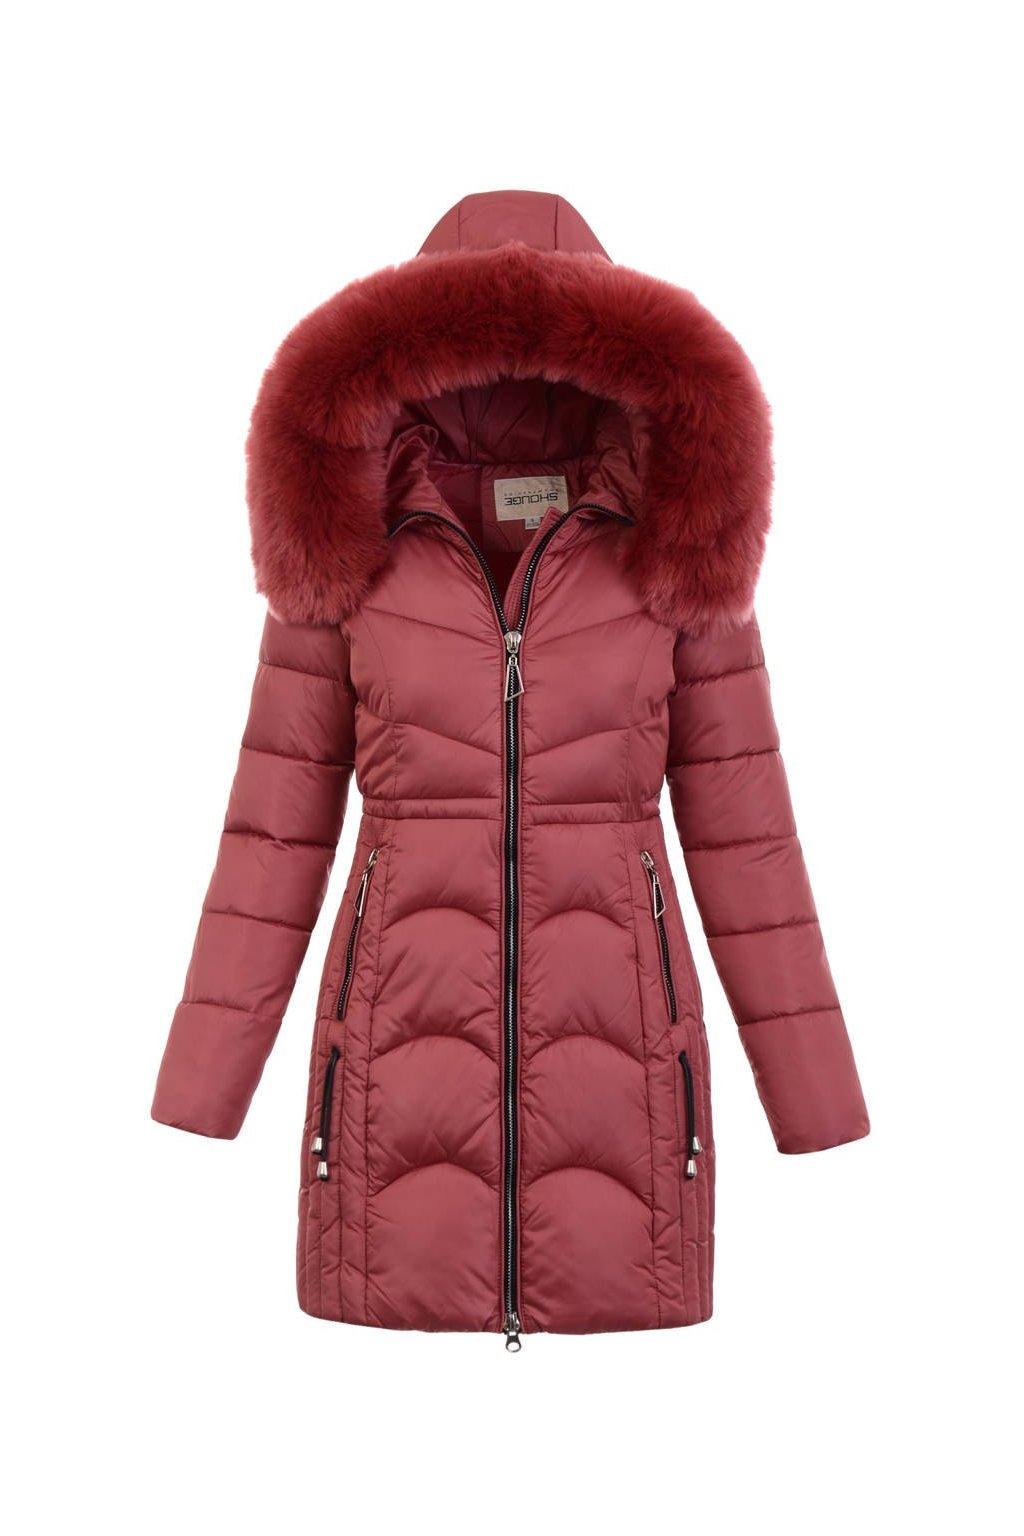 Dámska zimná bunda s kapucňou 5180 ružová